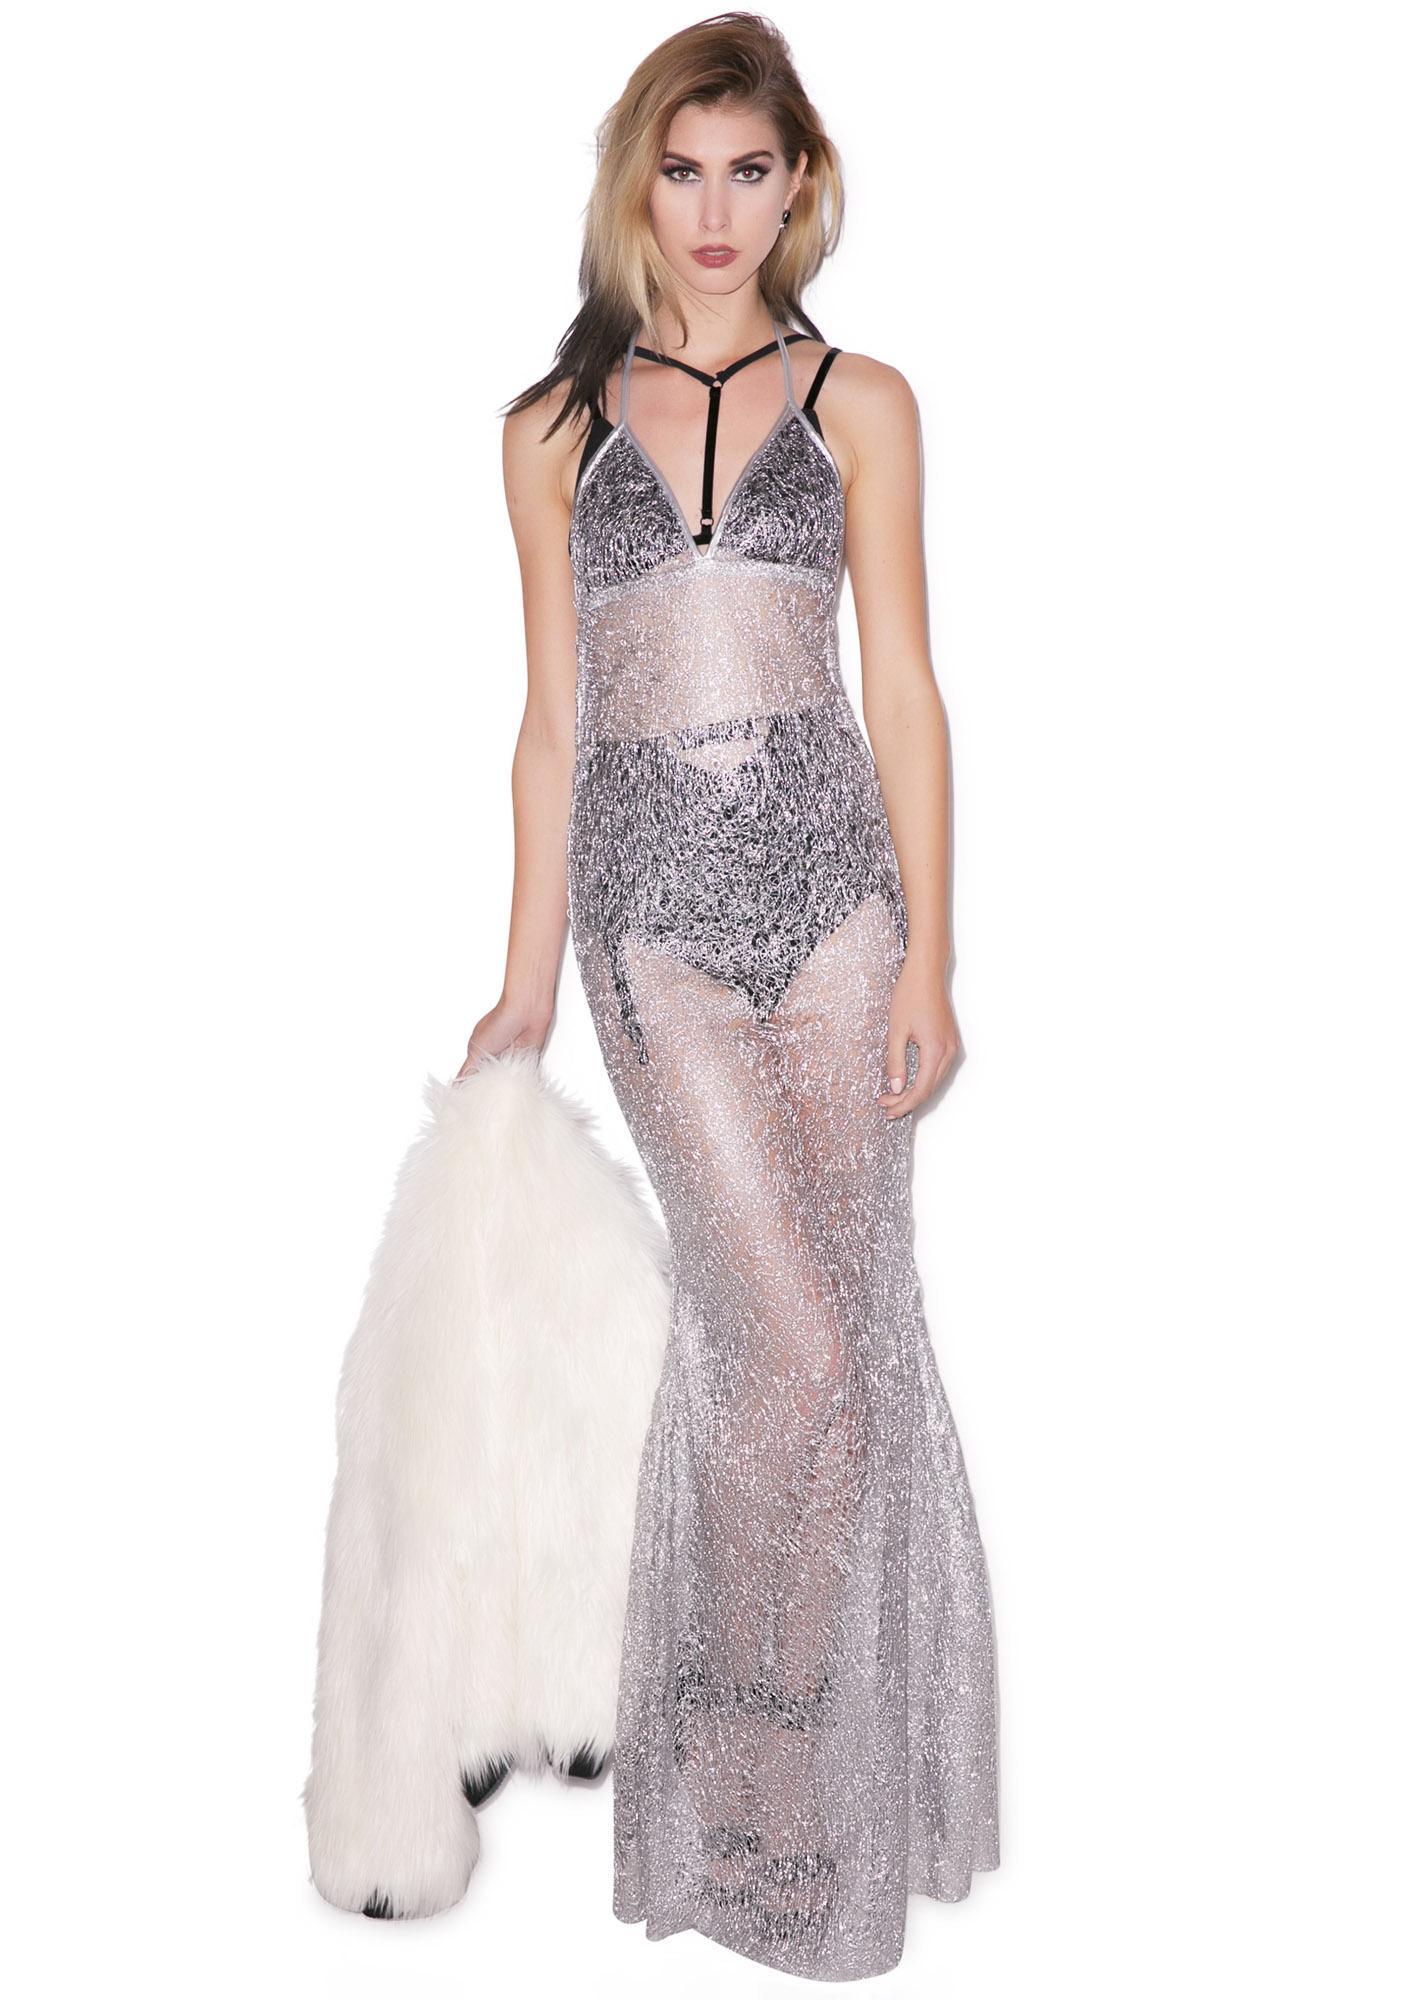 J Valentine Josie Stevens Spun Drizzle Gown